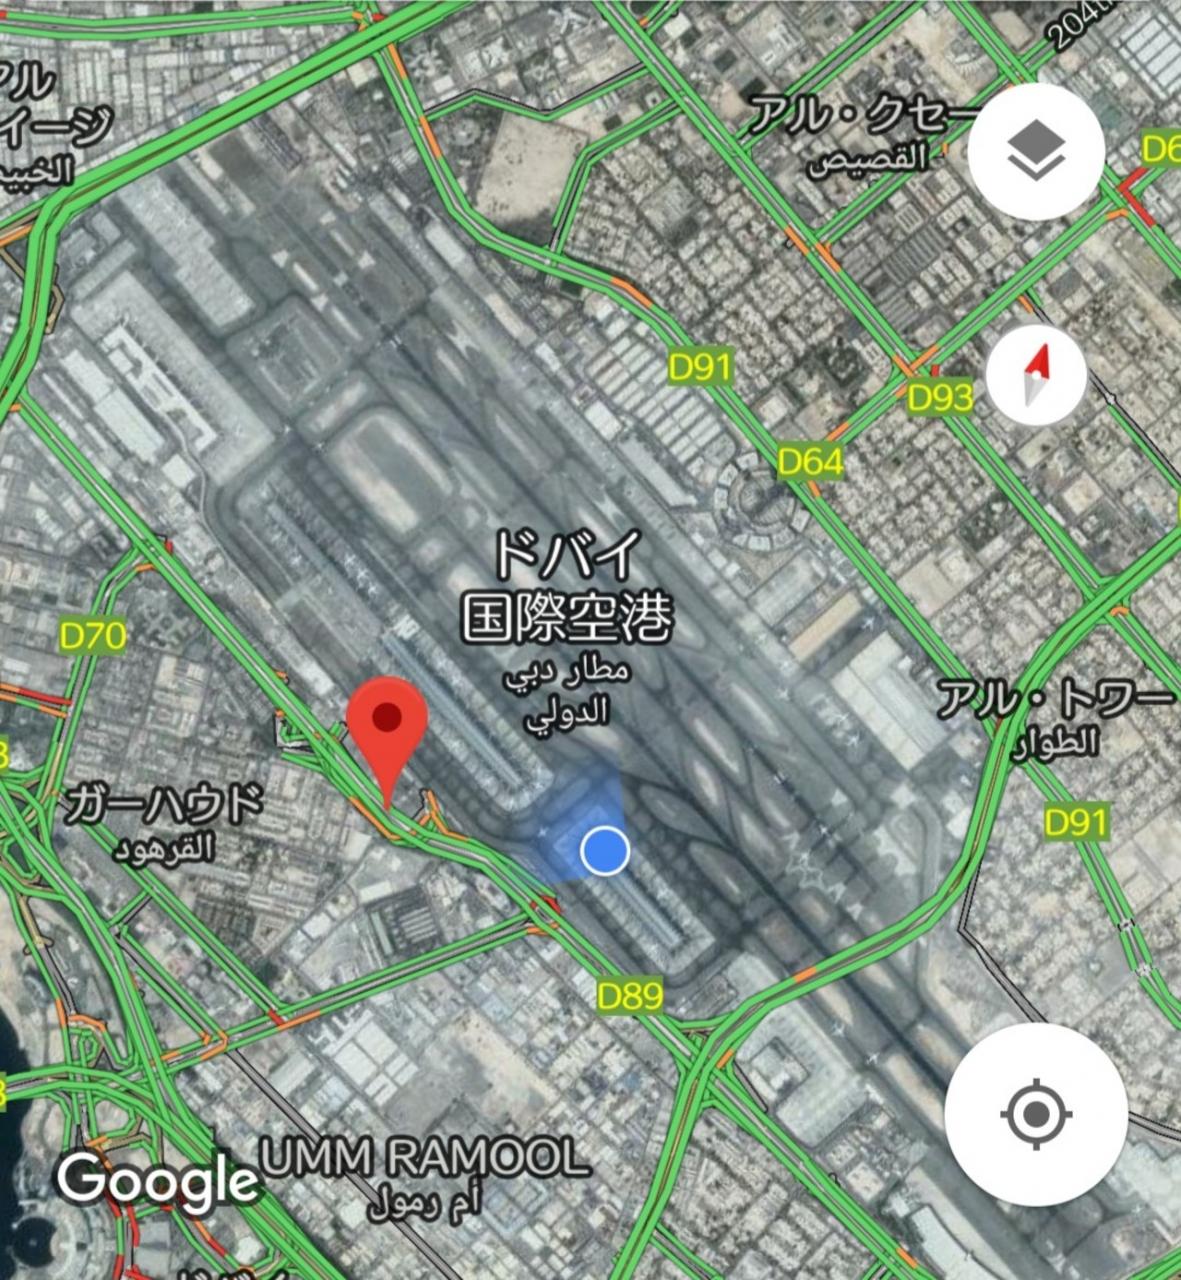 ドバイ国際空港について』ドバイ...